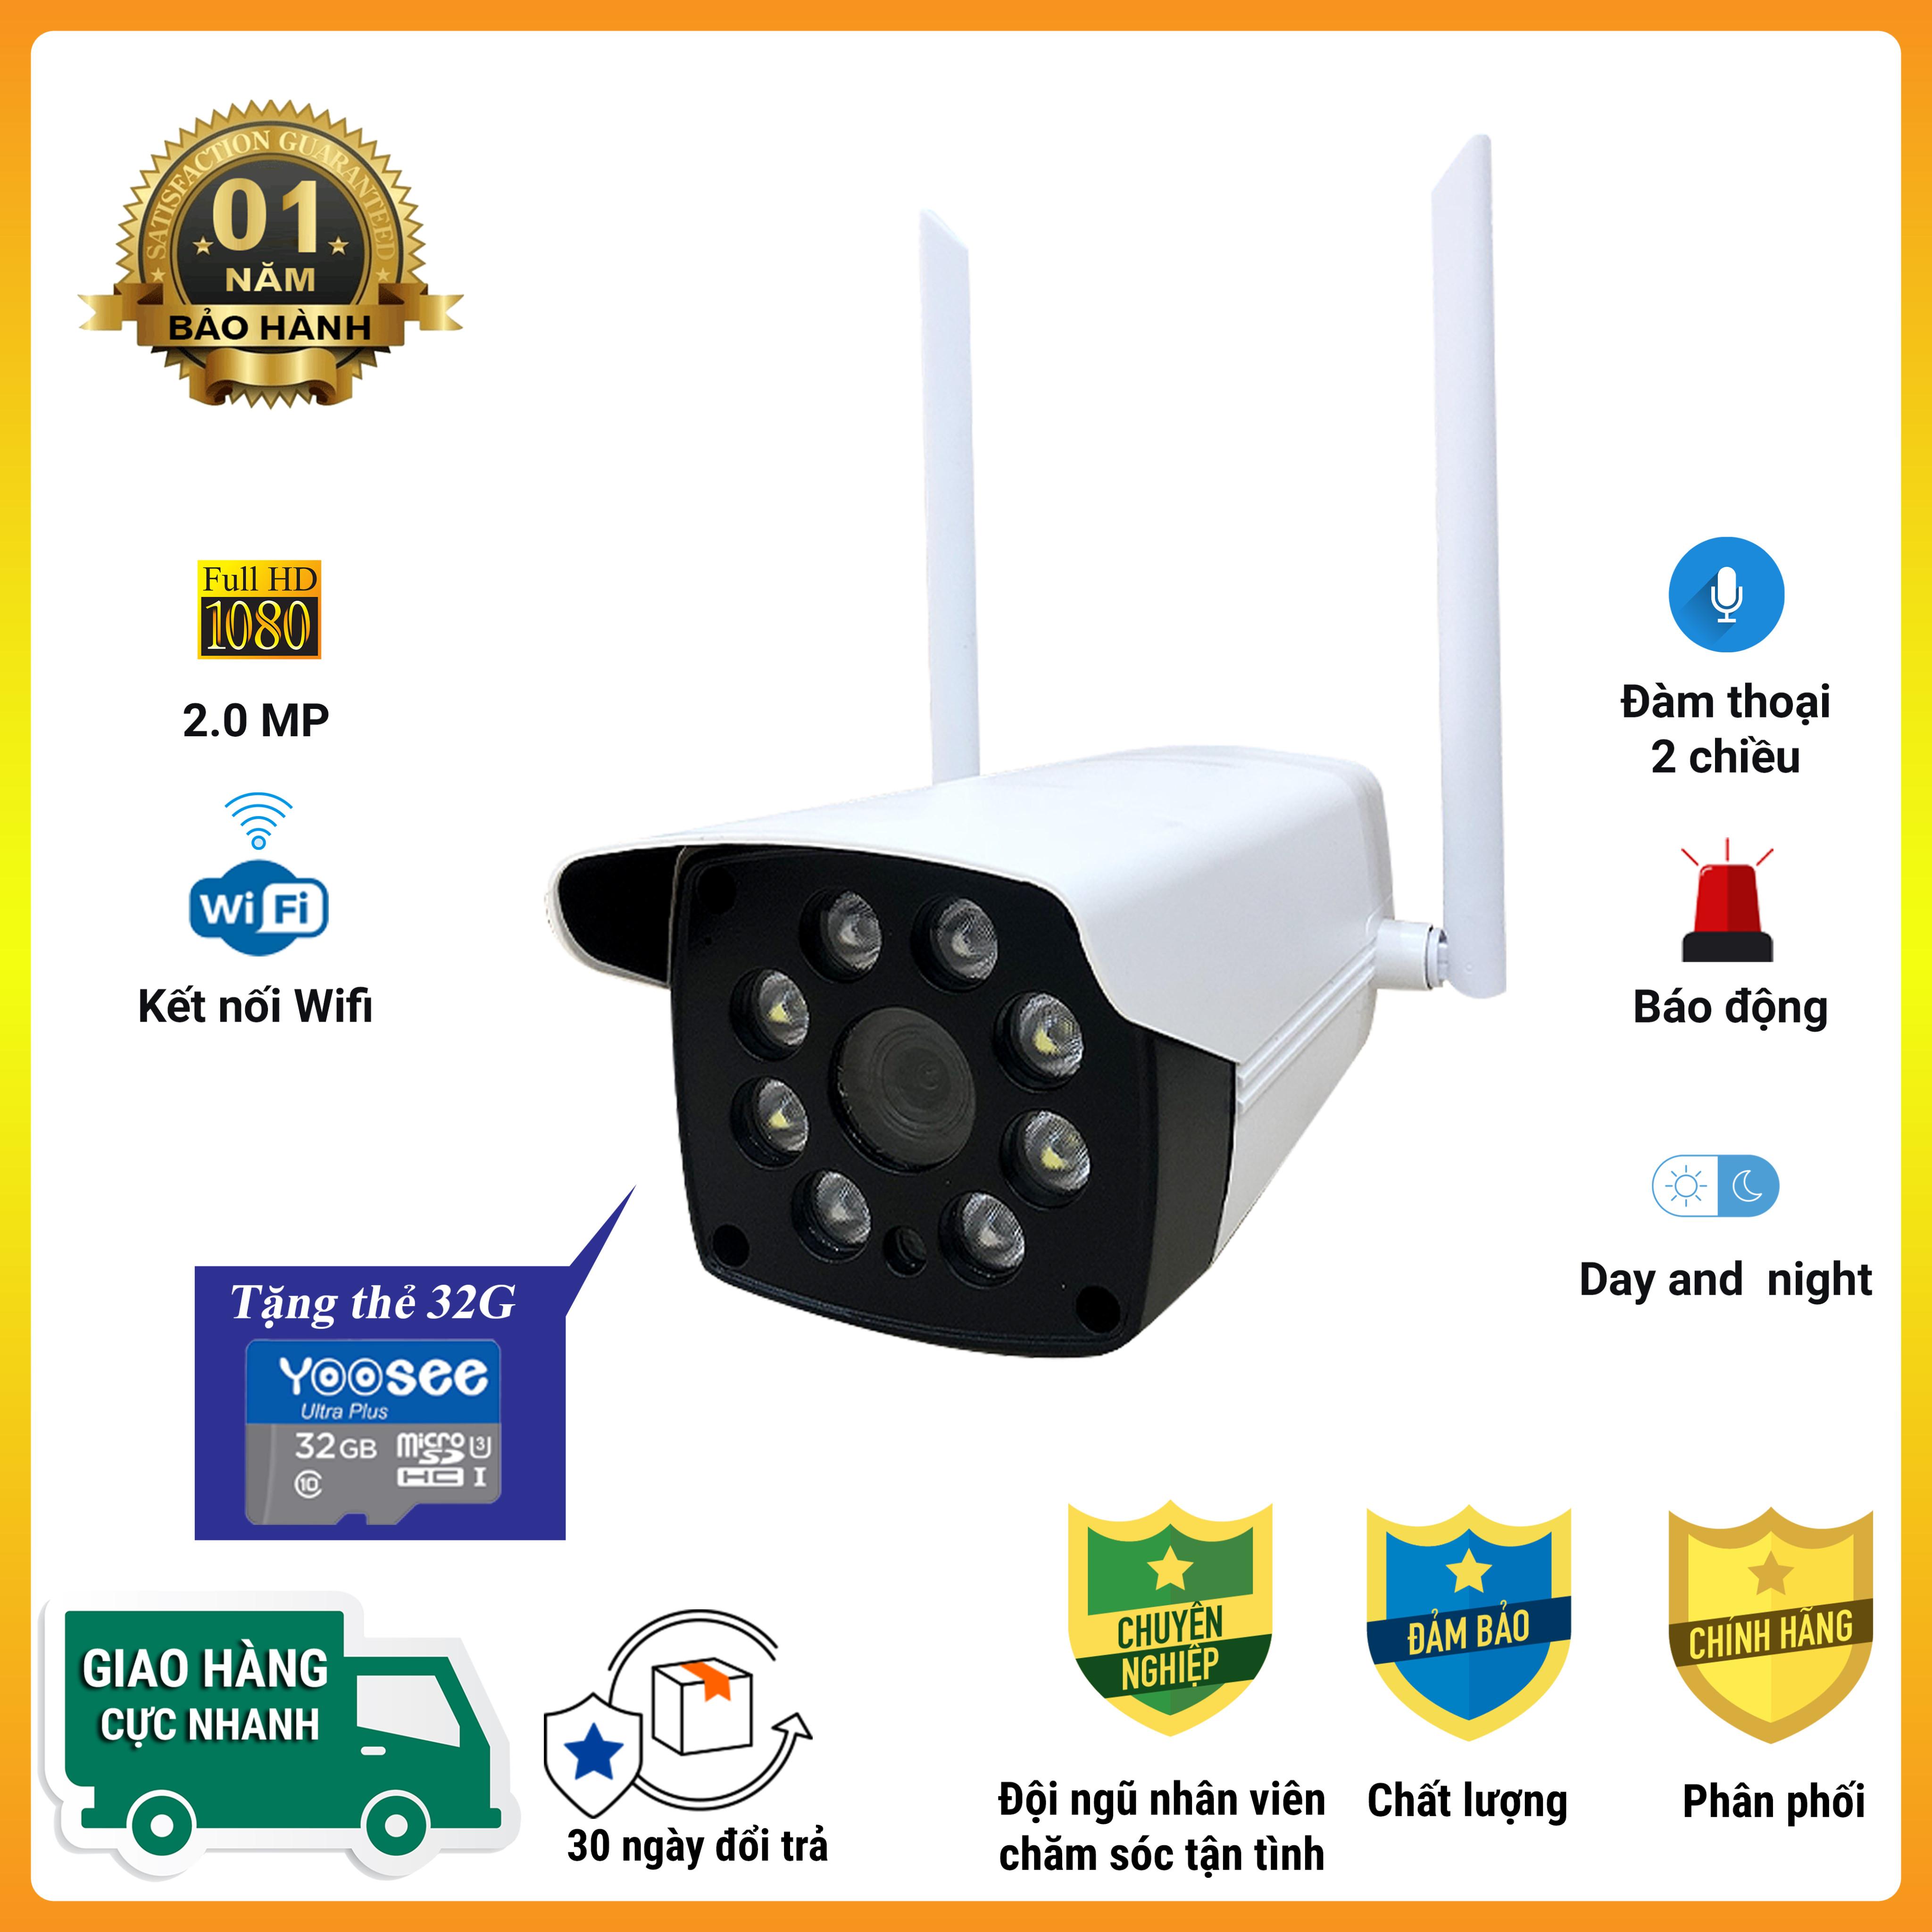 [Combo kèm thẻ nhớ] Camera IP Wifi Ngoài trời FULL HD 3.0MP 8 LED  Xem Đêm Có Màu,đàm thoại, cảnh báo - Bảo hành 12 tháng